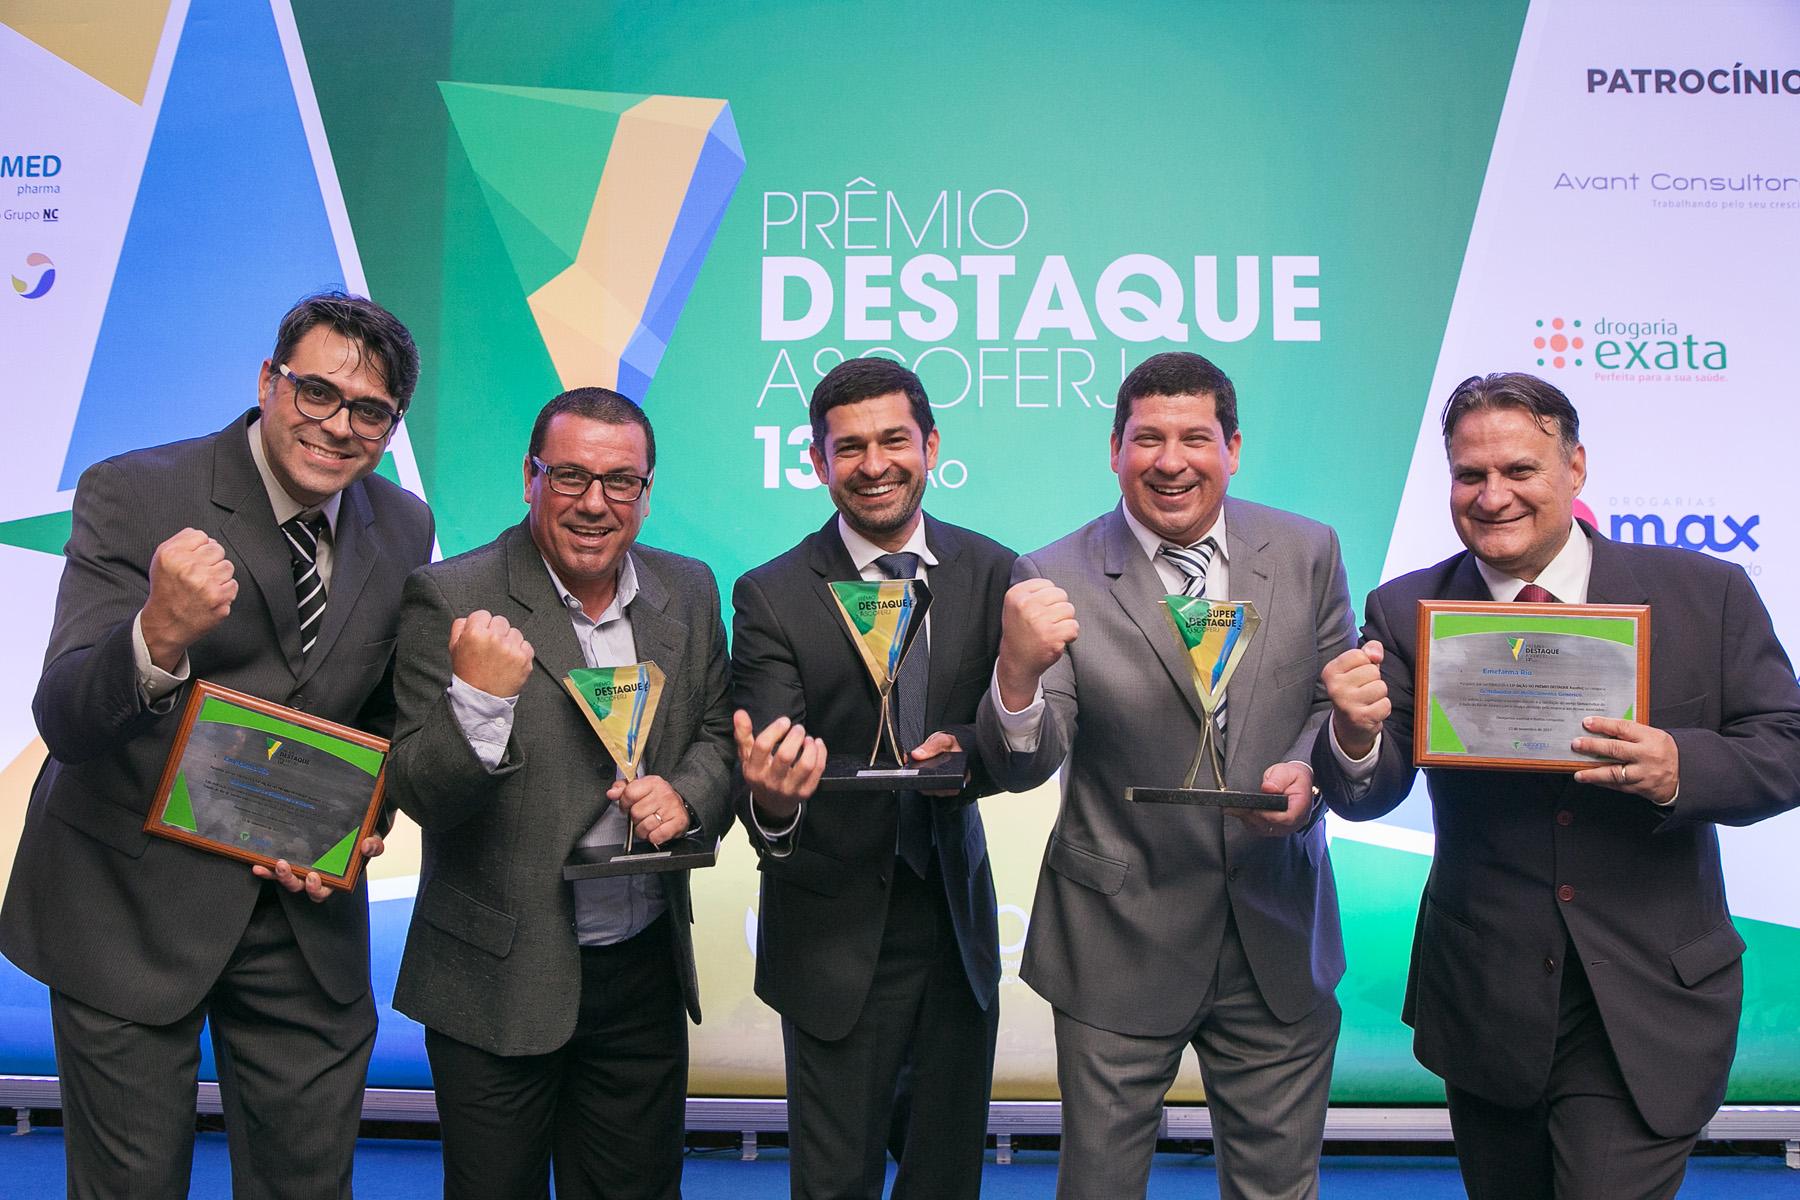 a-14o-edicao-do-premio-destaque-ascoferj-anuncia-finalistas